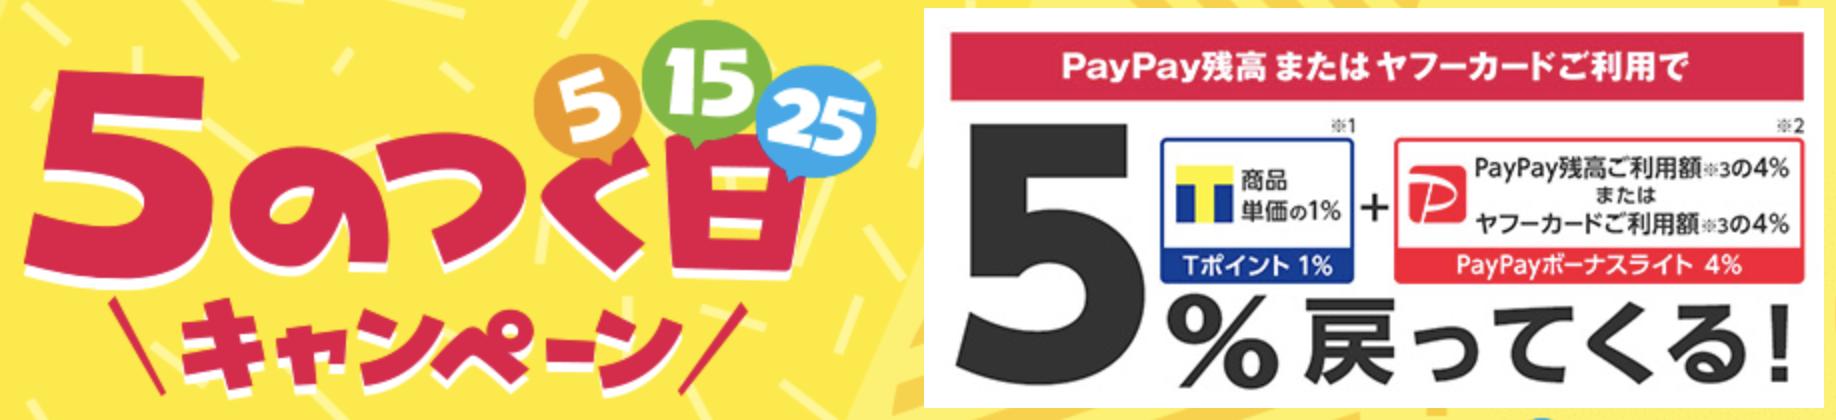 Yahoo!ショッピング 5のつく日キャンペーン。5%戻ってくる